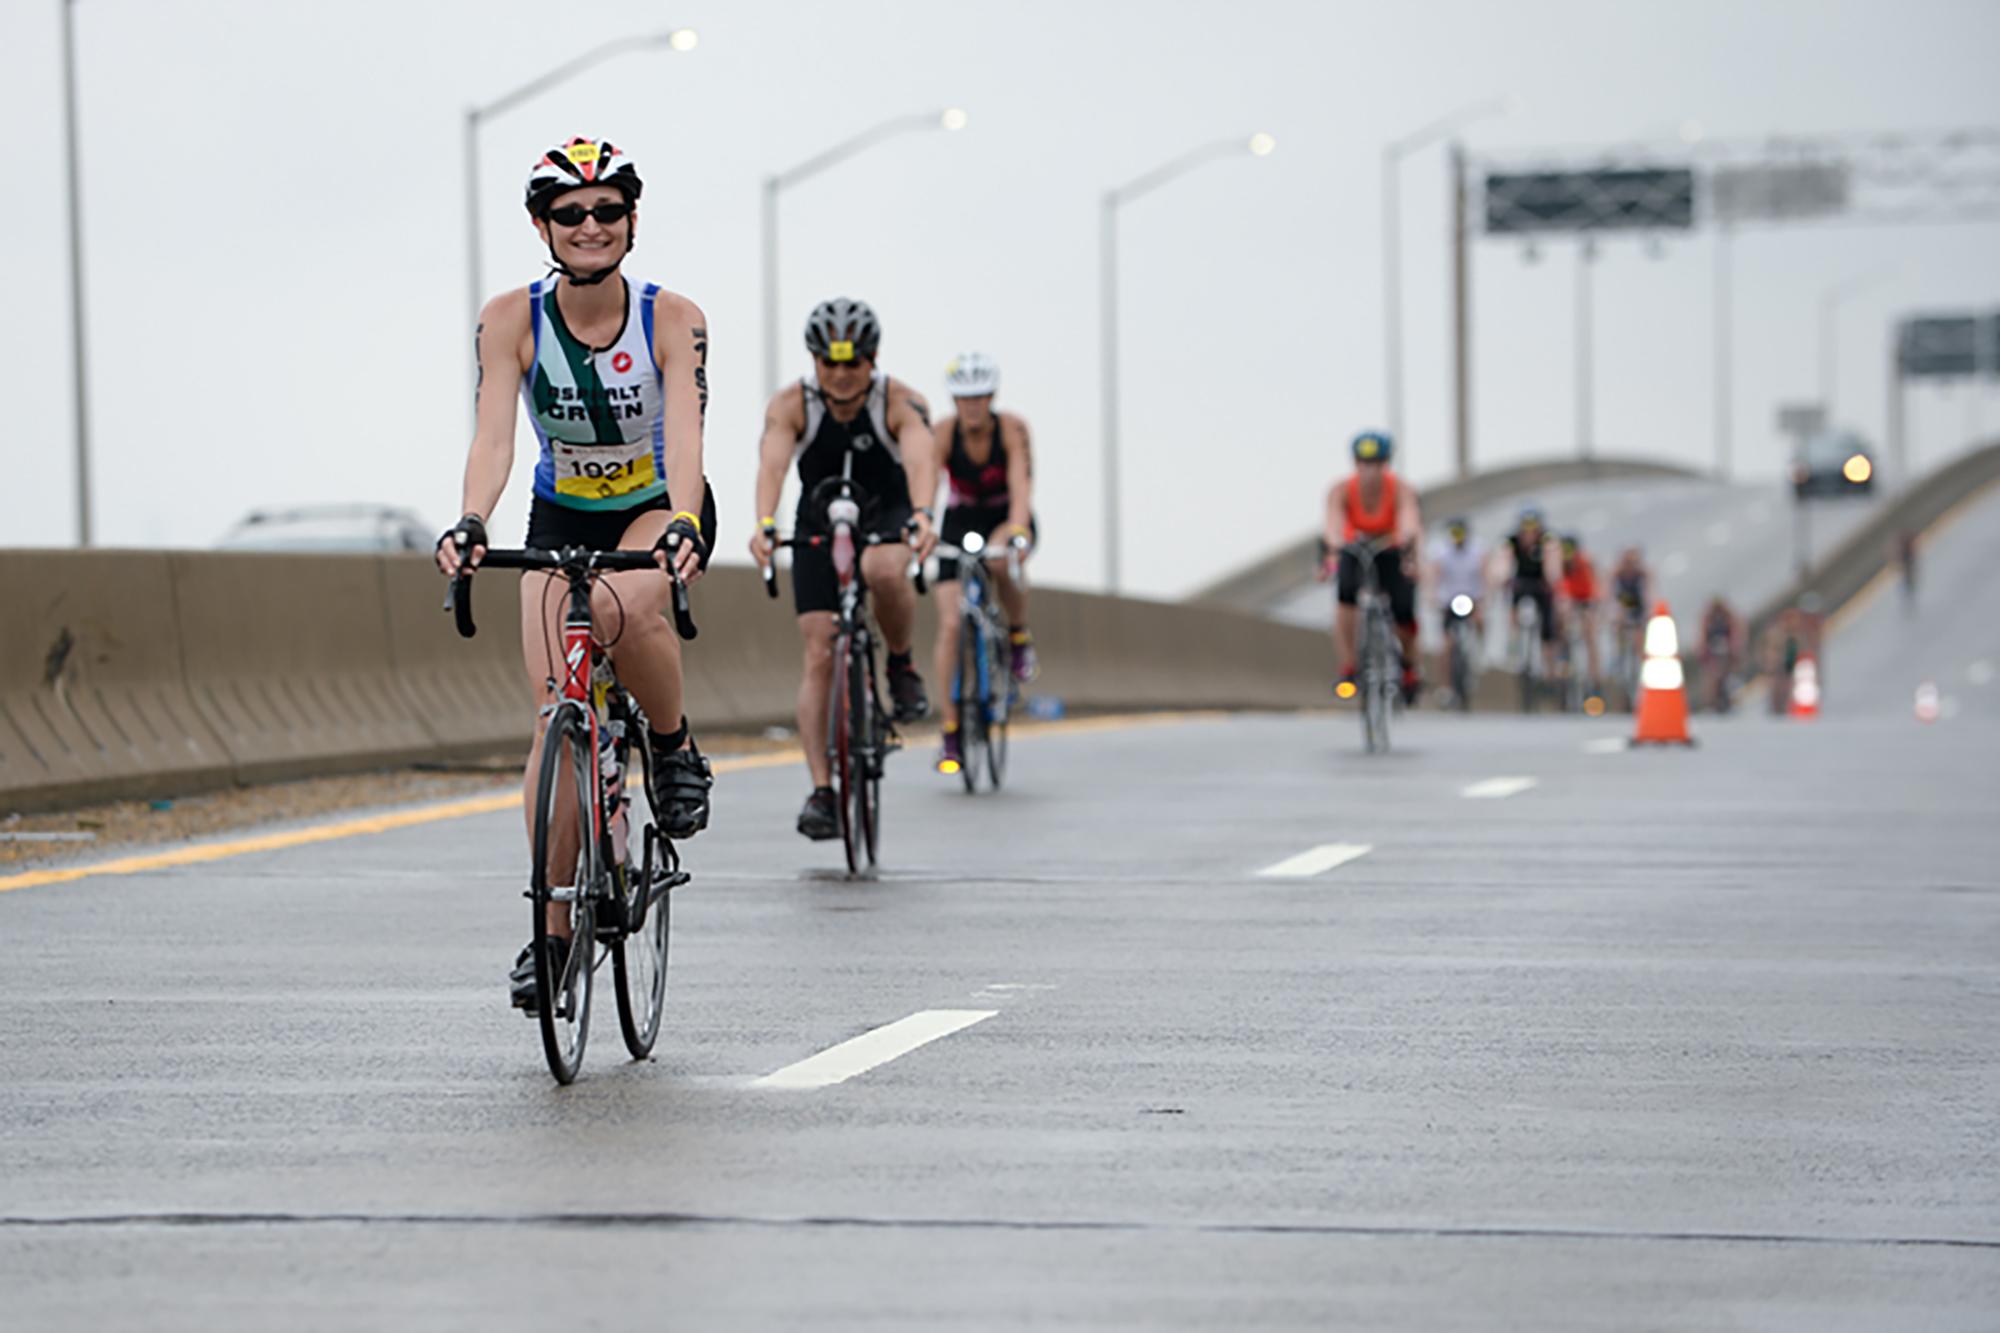 triathlon-bike-section-inline